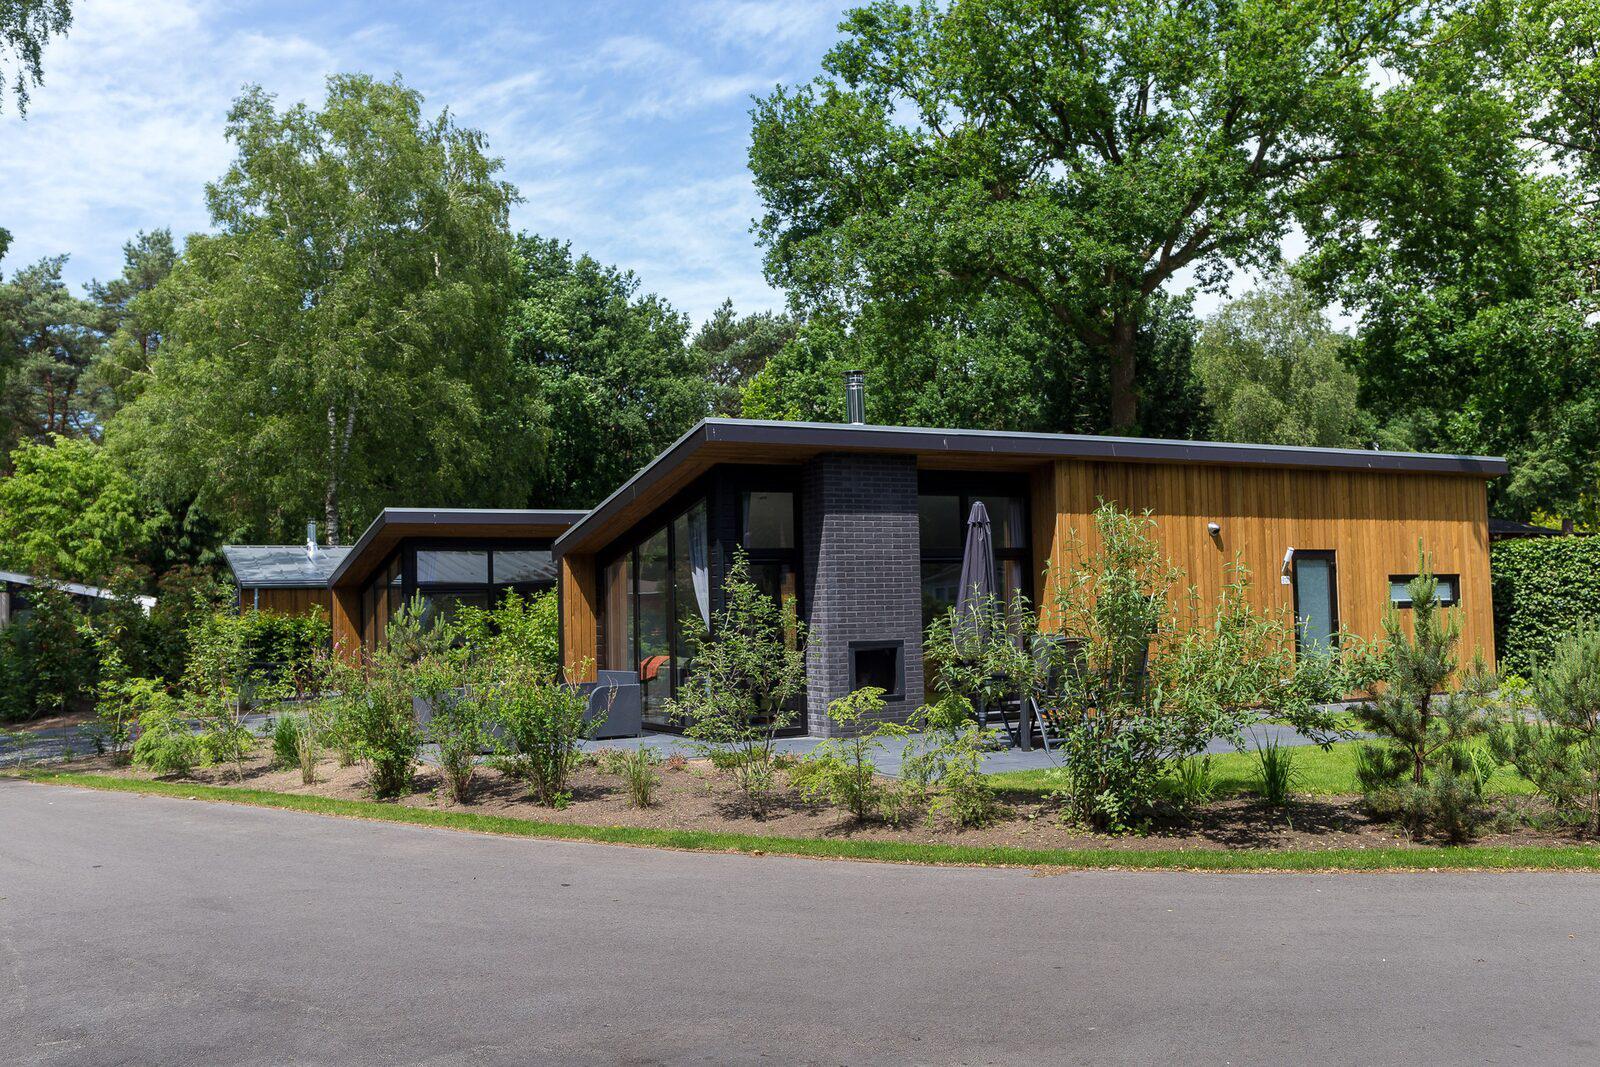 Bos Lodge 55 Eco 4 personen Hottub